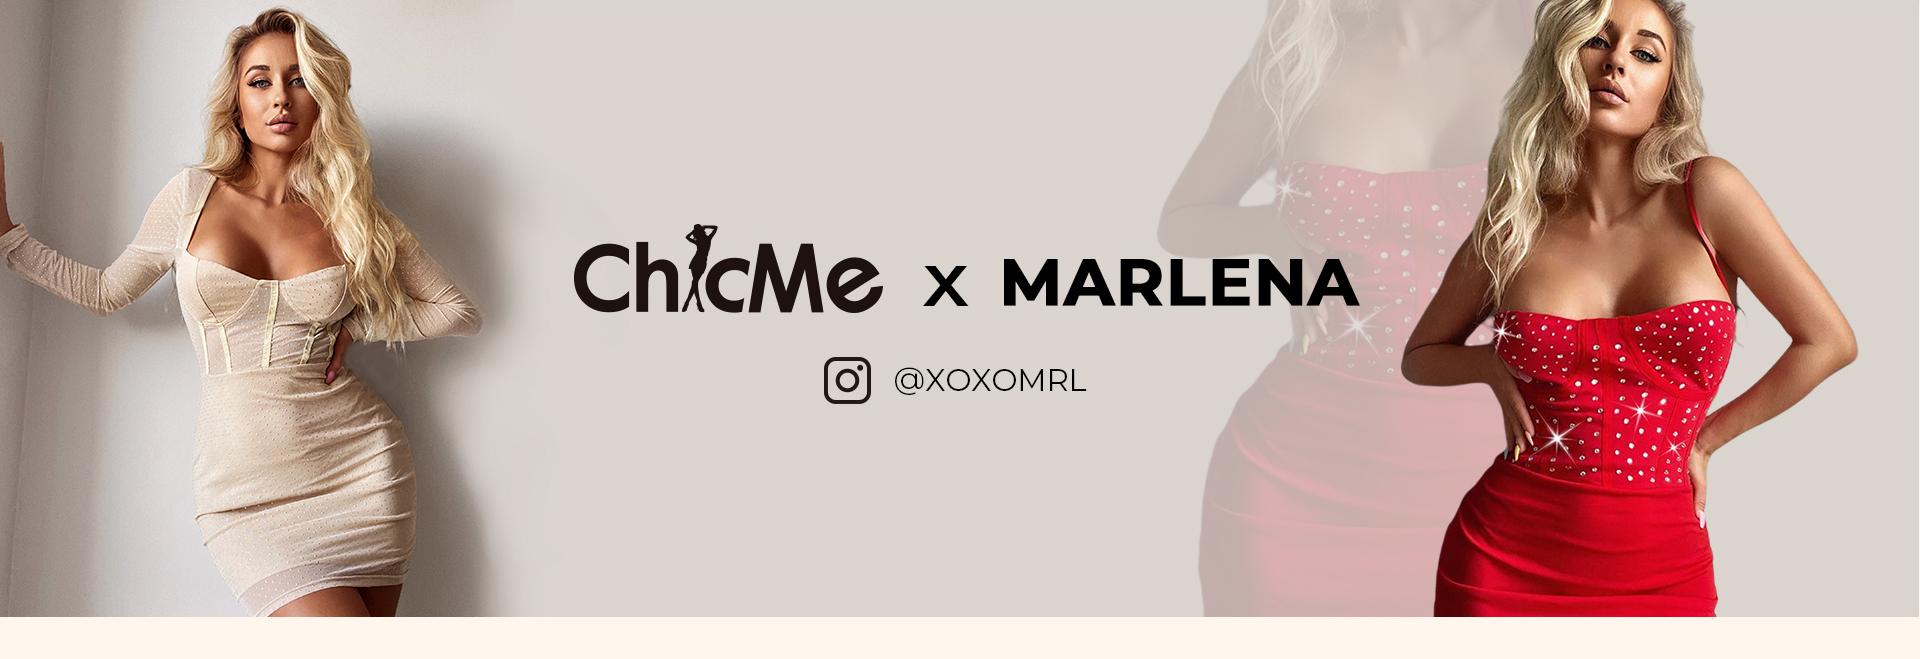 chicmeX Marlena